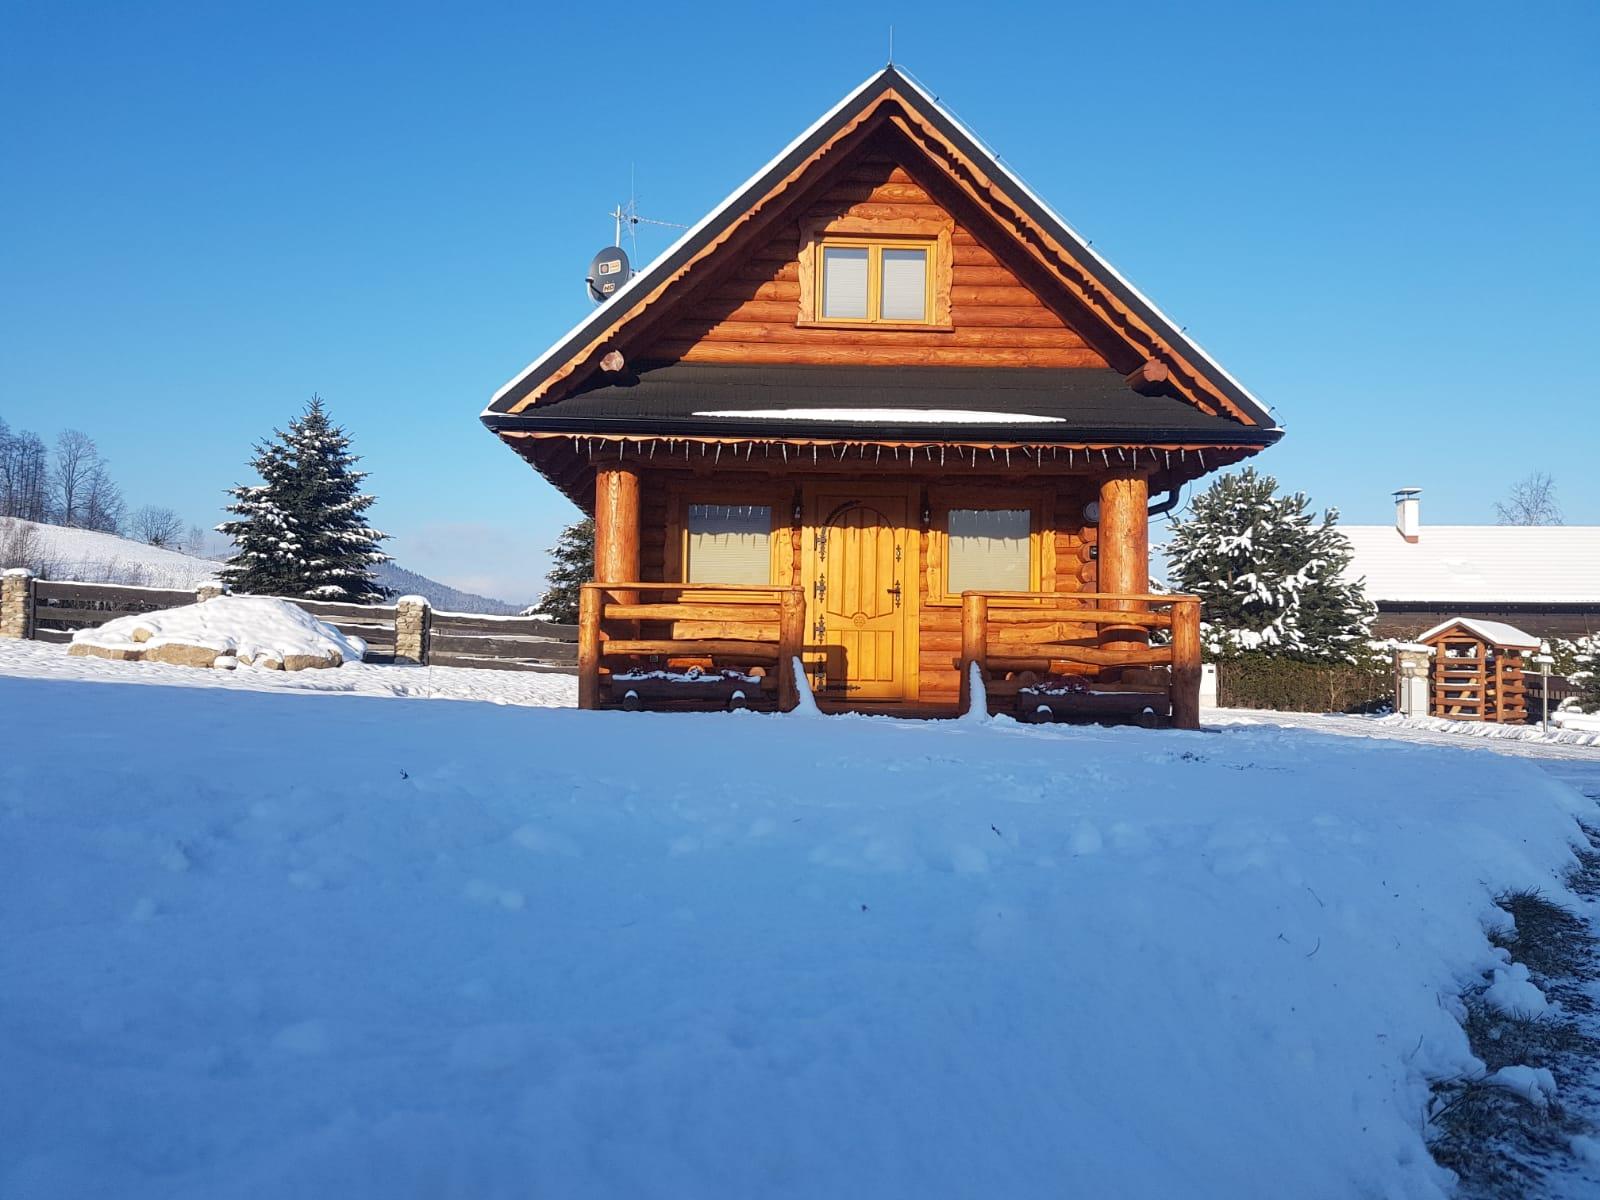 Wnajem domku z bali na wakacje, urlop, ferie - Karpacz - Ściegny